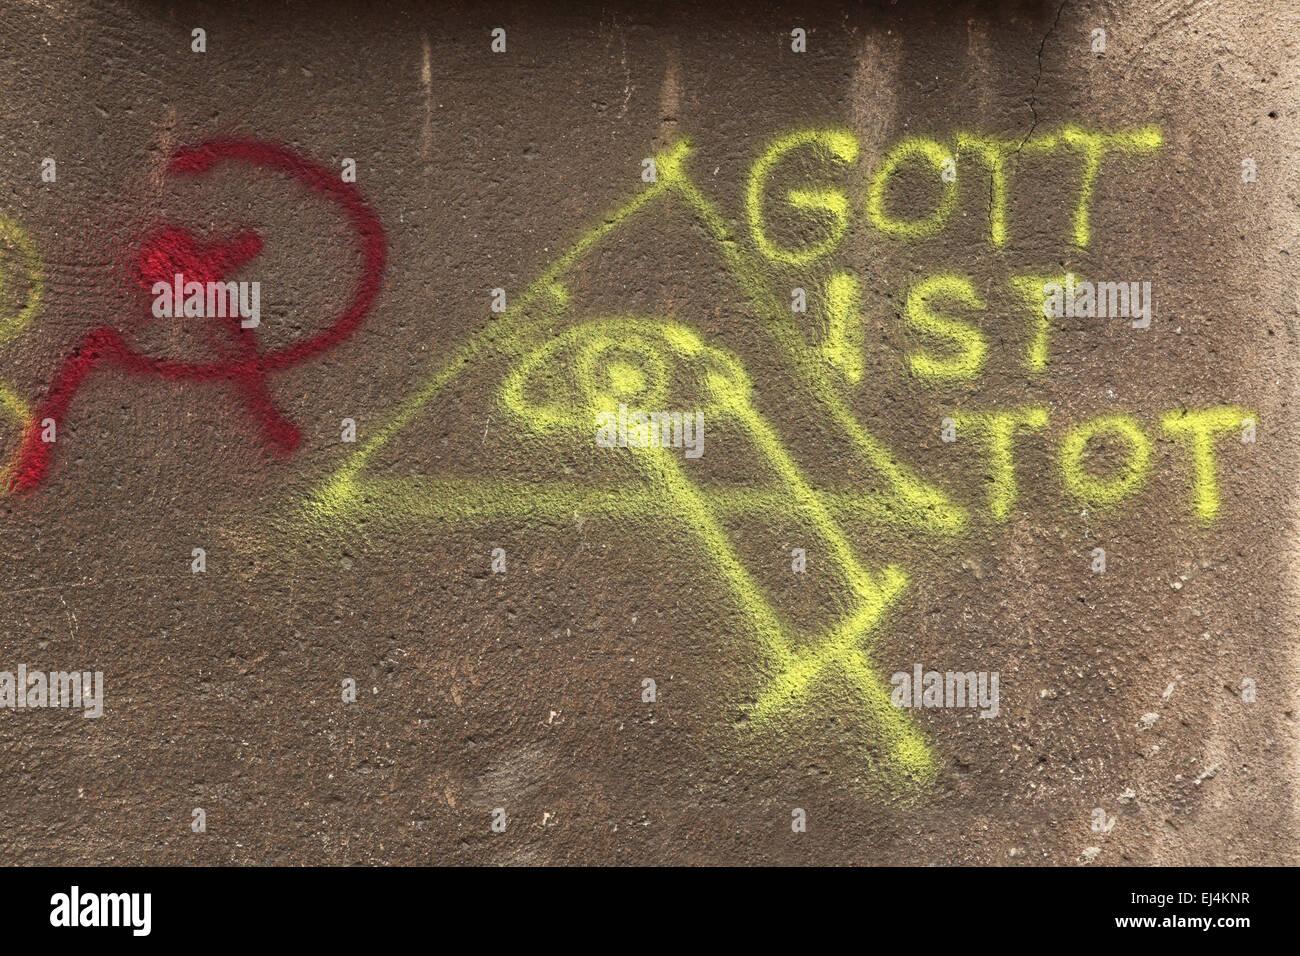 Gott ist Tot (il dio è morto). Occhio della Provvidenza. Falce e martello. Street graffiti in Gdansk, Polonia. Immagini Stock